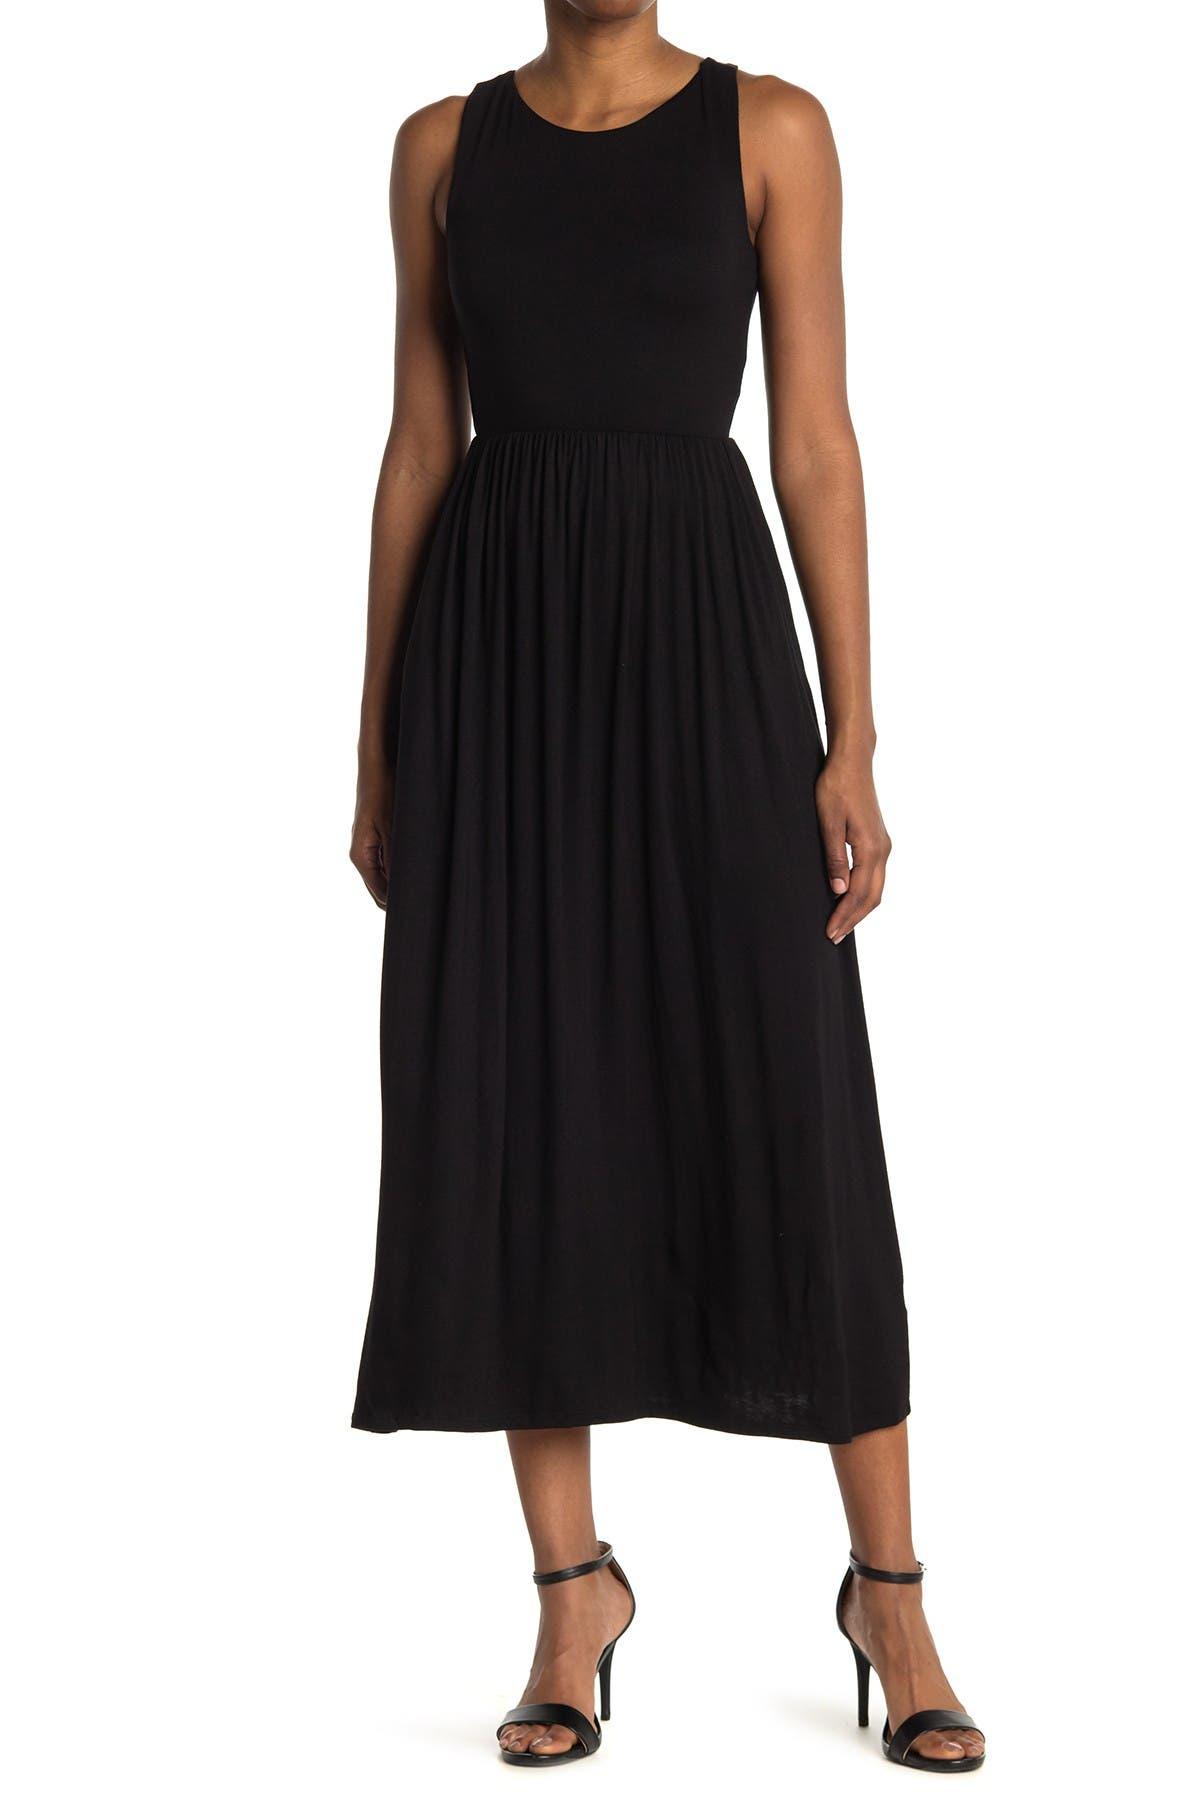 Image of Velvet Torch Sleeveless Maxi Dress